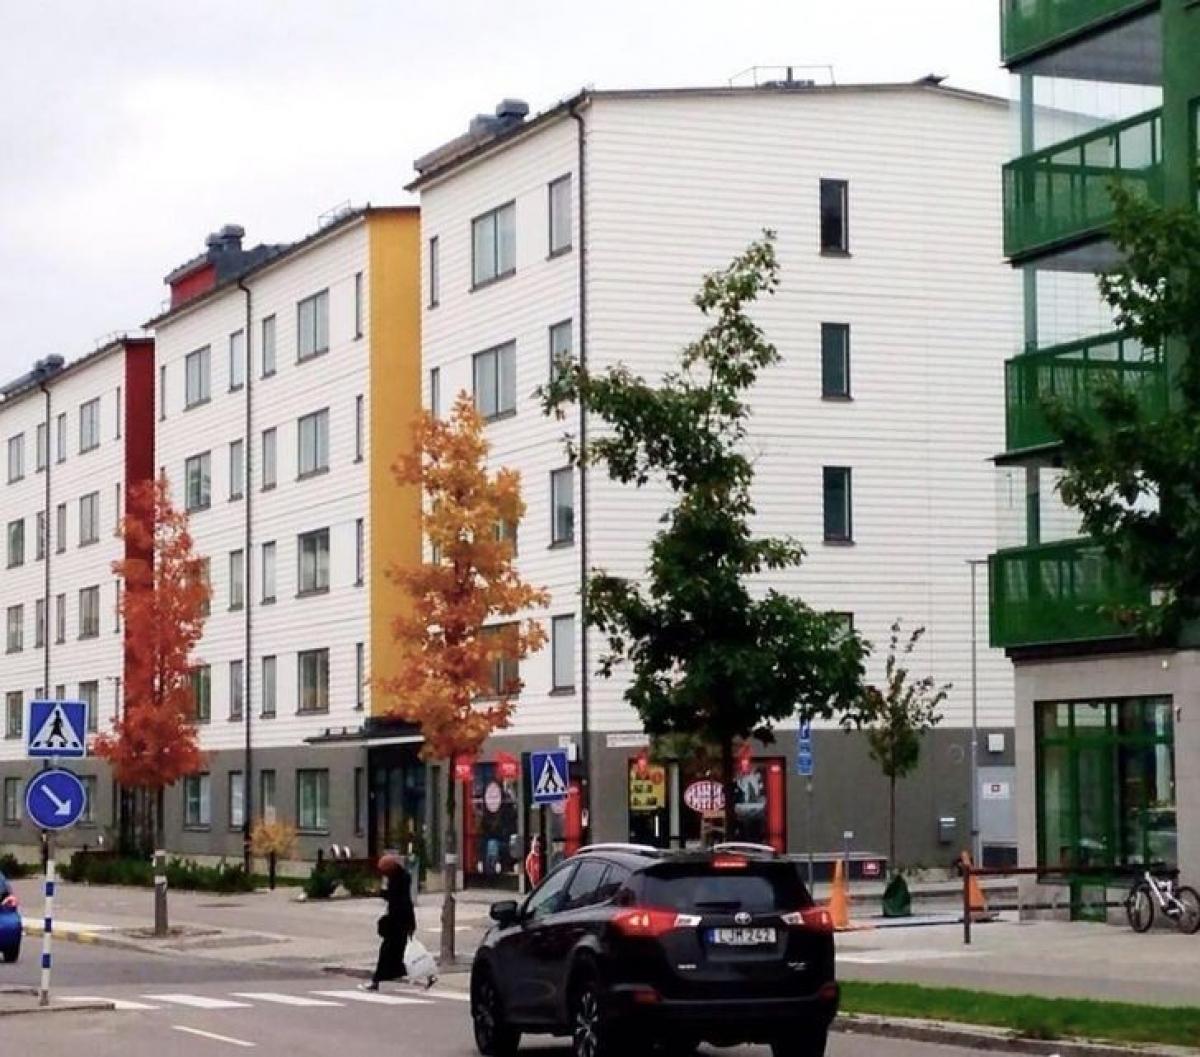 Những cây thông đổi sắc màu trên đường phố./.